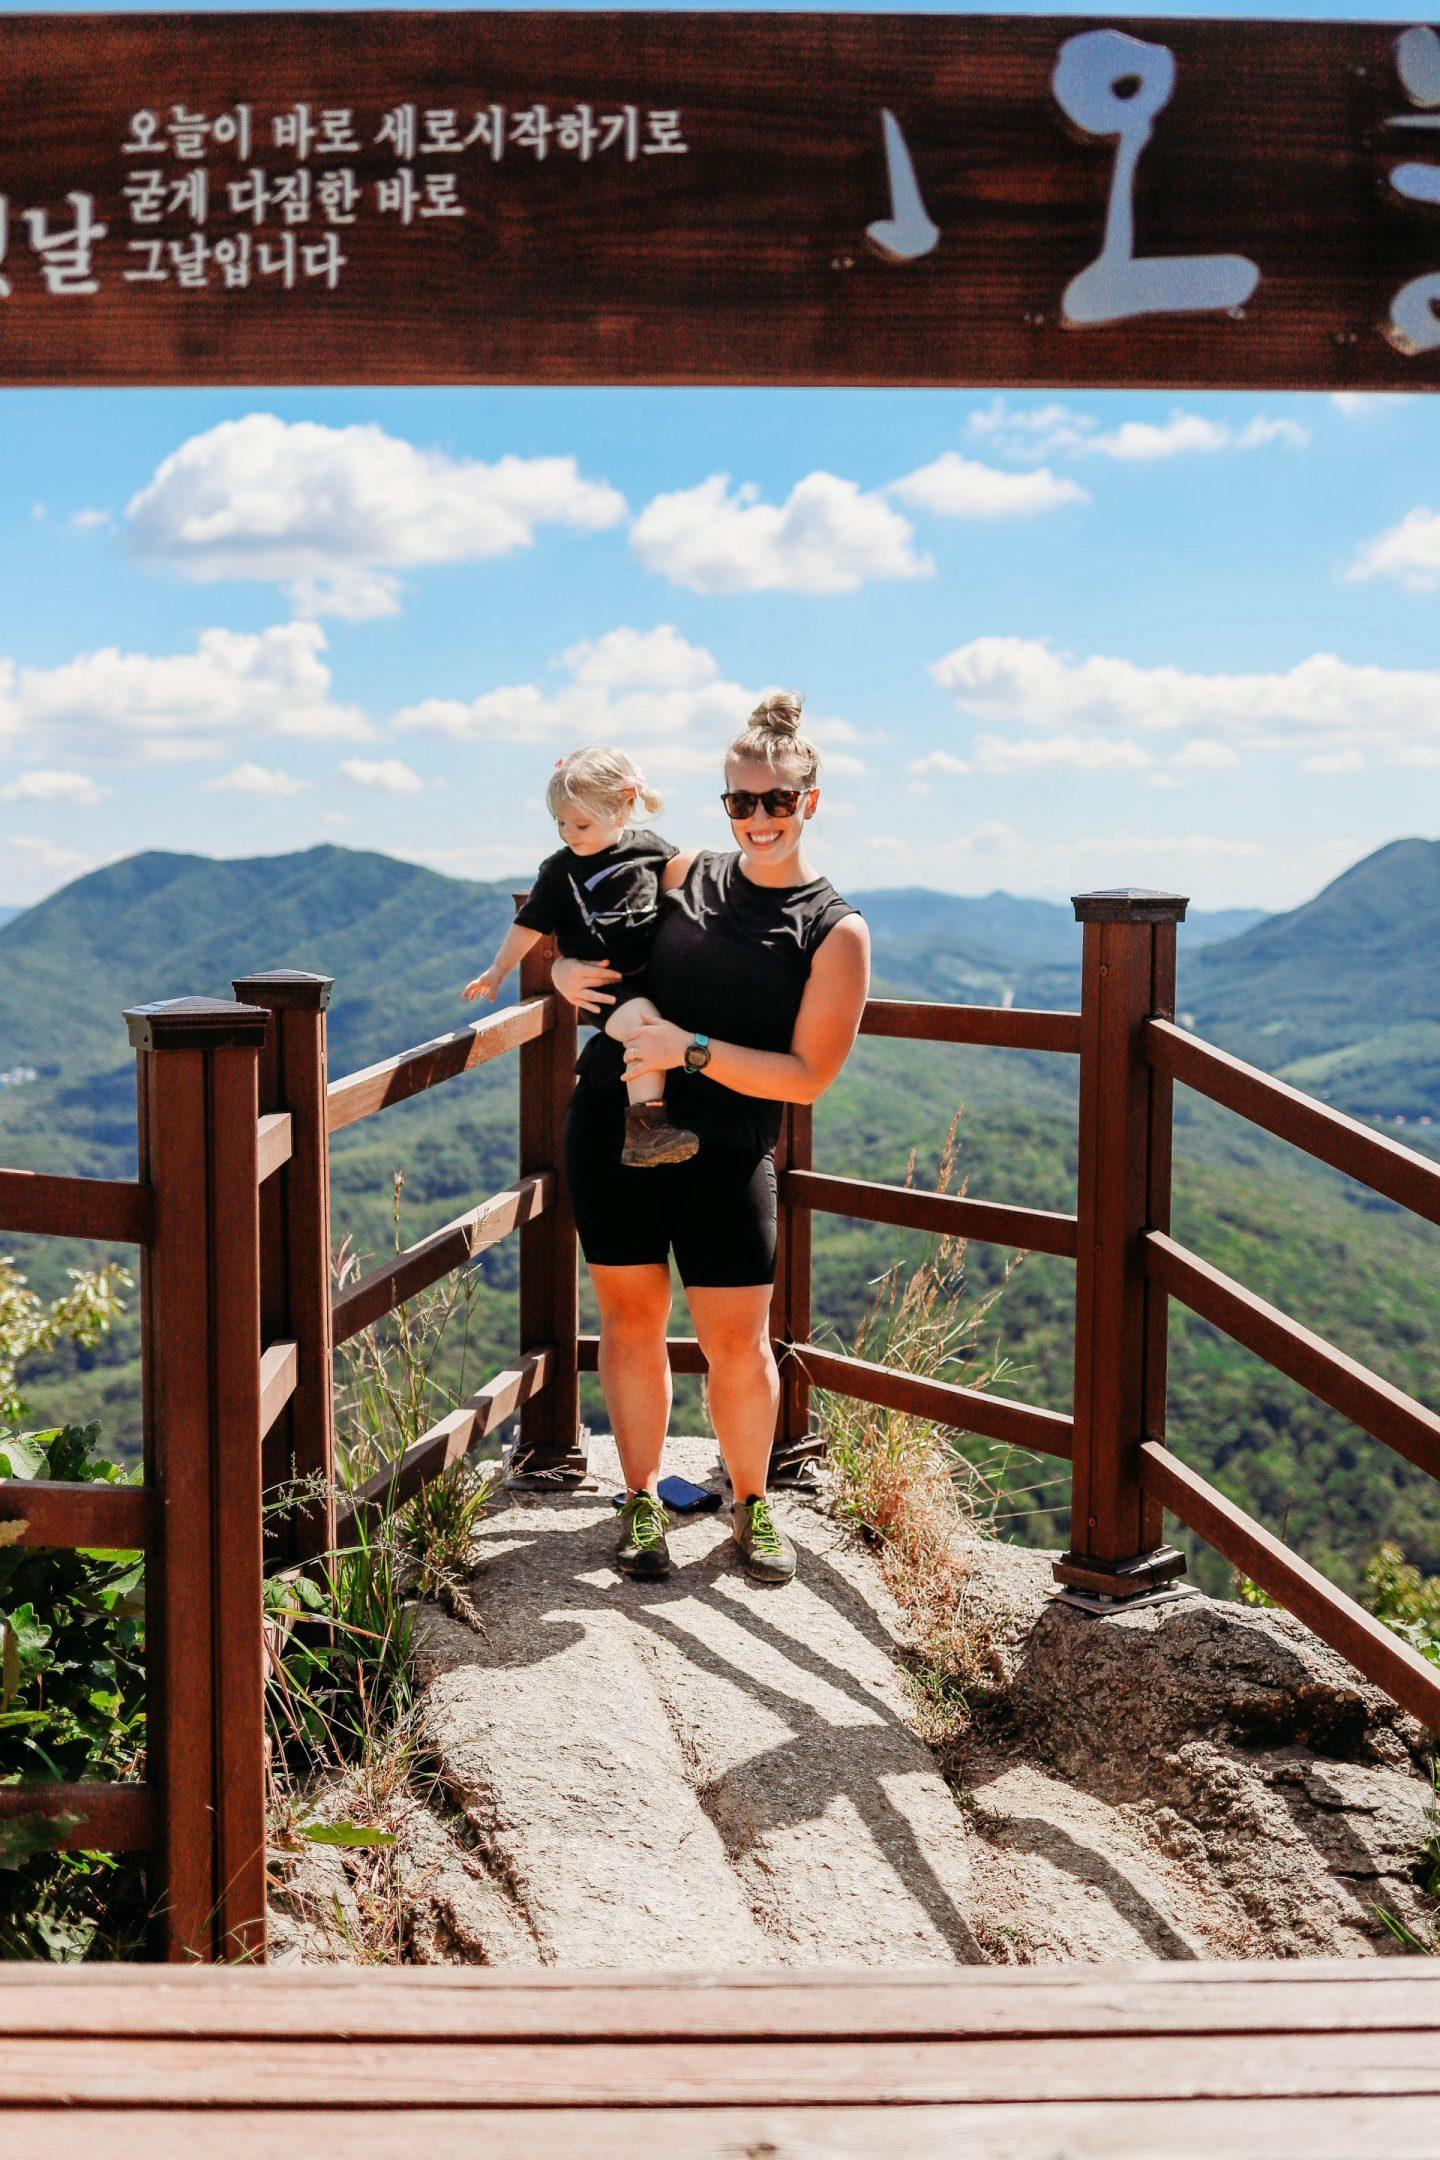 hiking with kids south korea